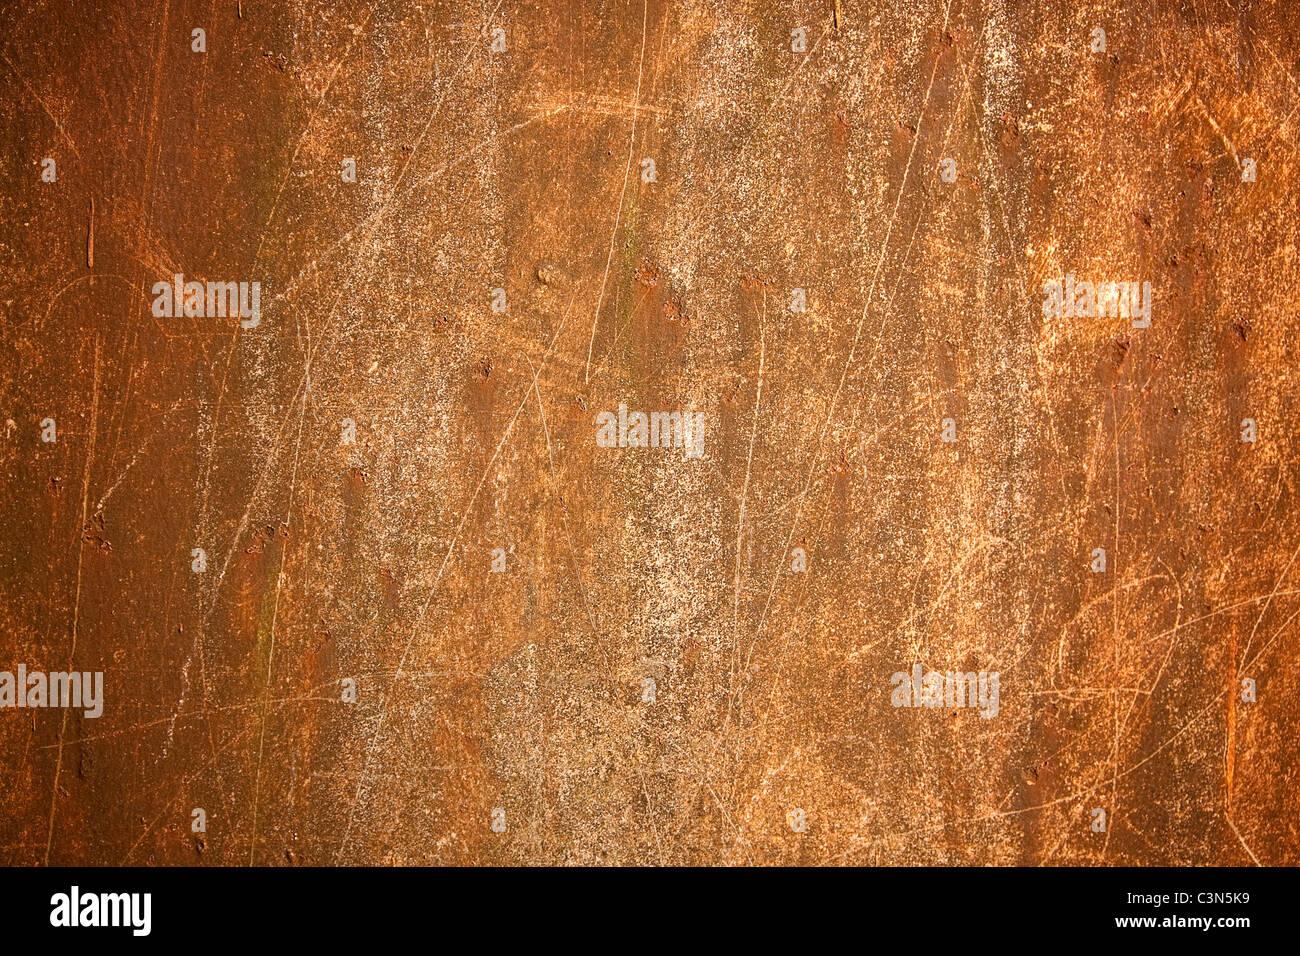 La photographie montre un fond de métal rouillé avec scrachted surface. Photo Stock